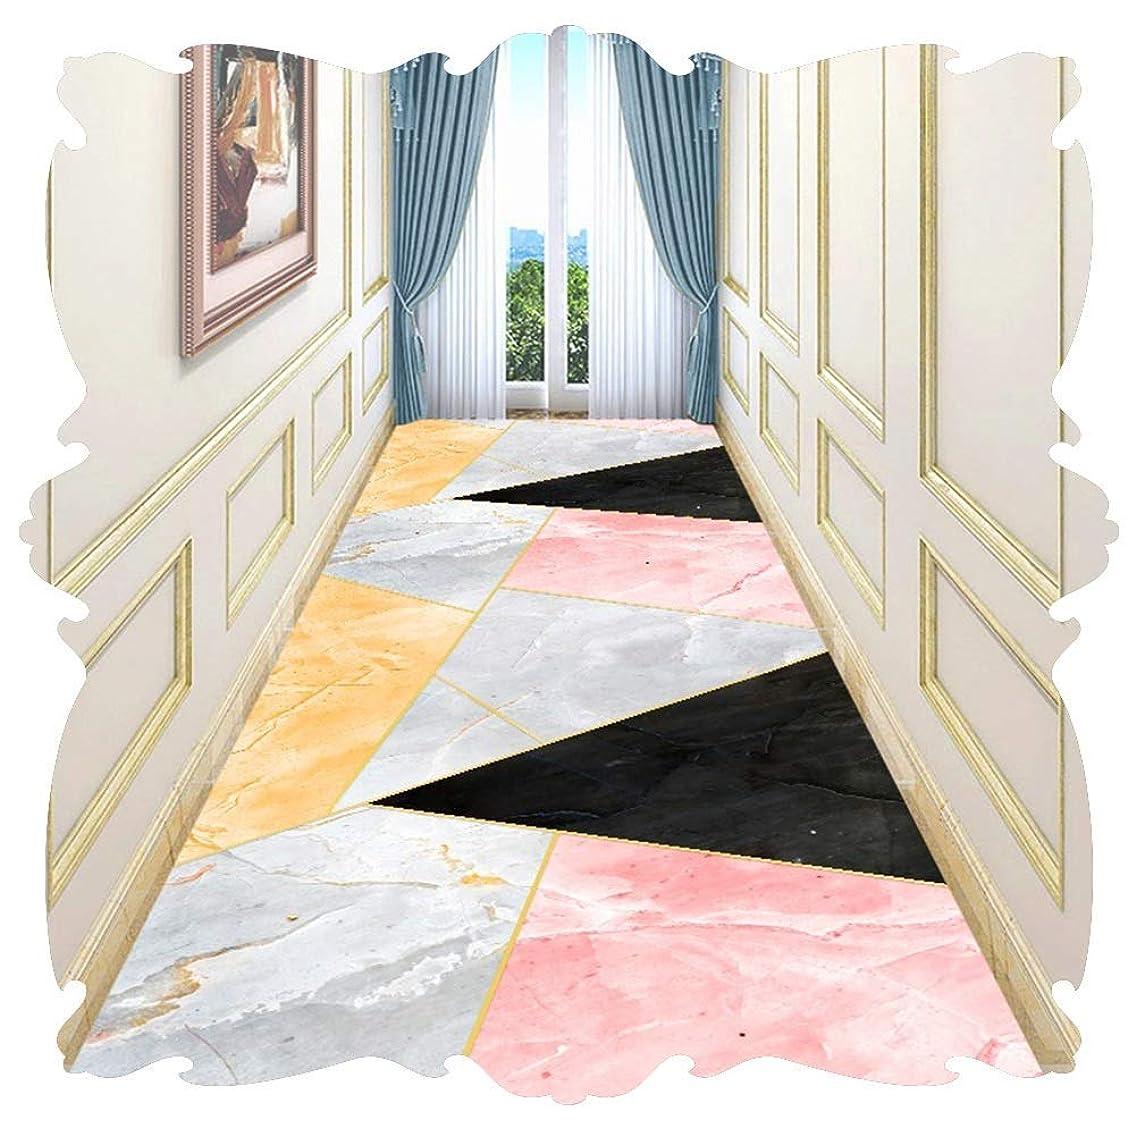 完全に乾くメタリック秋カスタマイズ可能な廊下ランナー敷物イージーケアソフト洗える耐久性のある滑り止めの印刷三角形の形状(カラー:A、サイズ:1.4x5.5m)